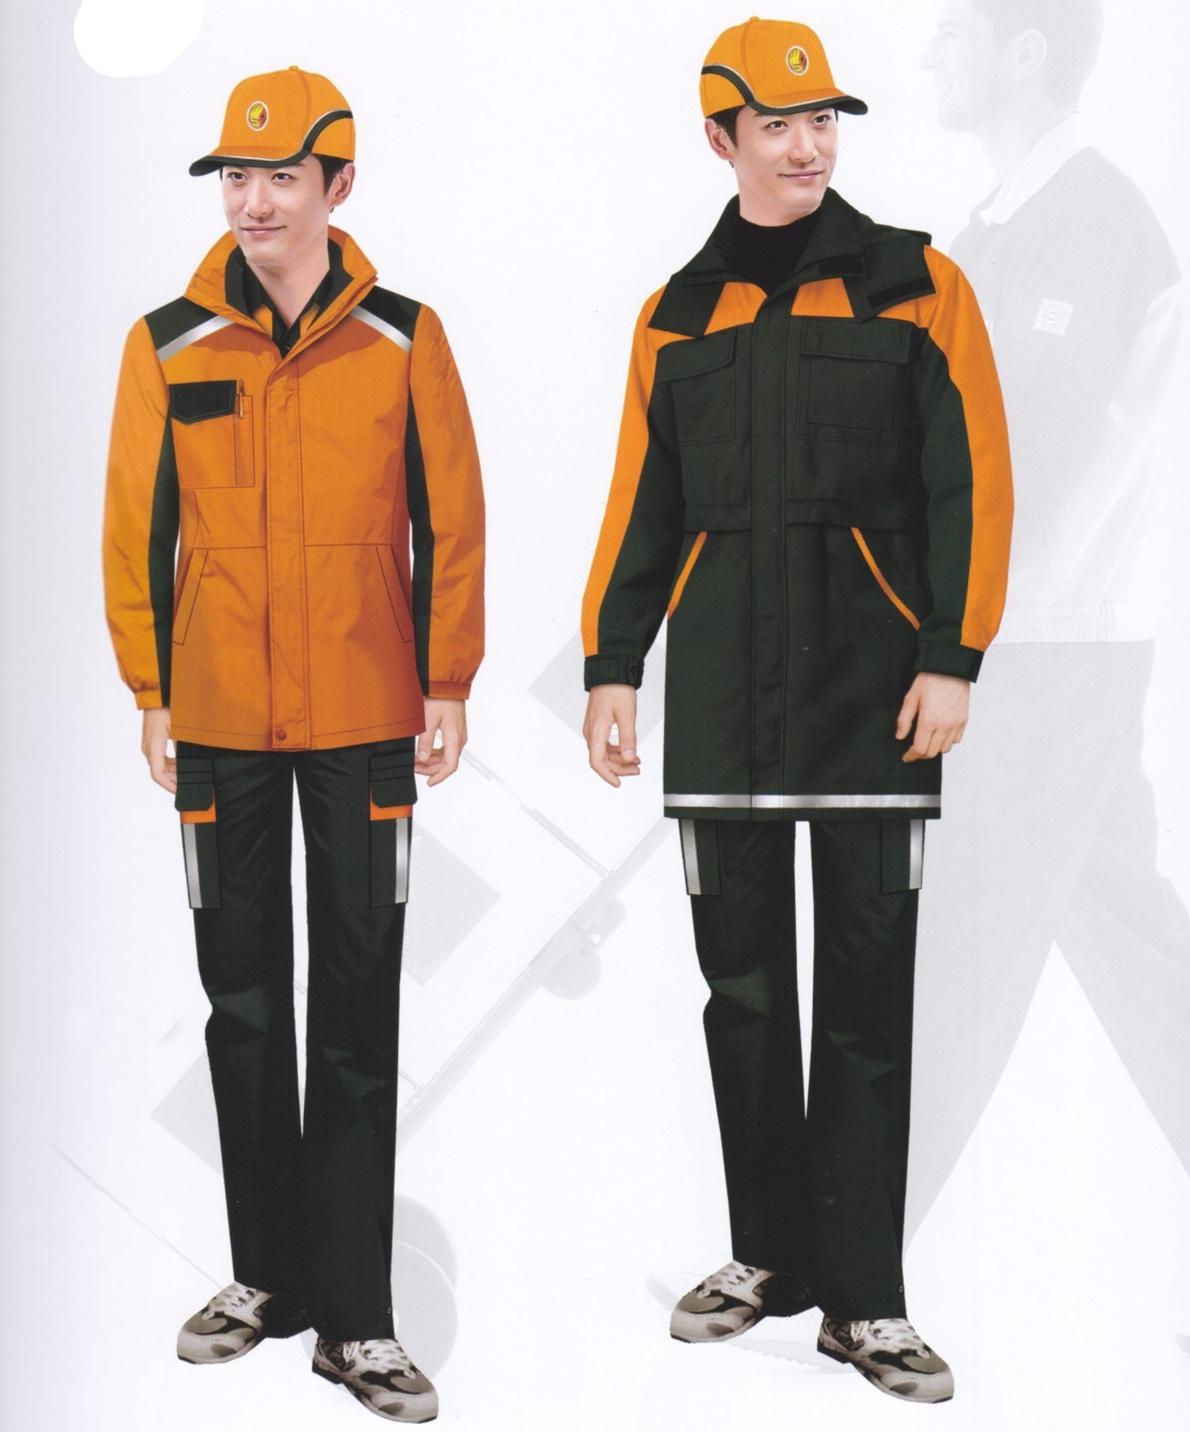 工作服需求量少的话可以选择现货工装